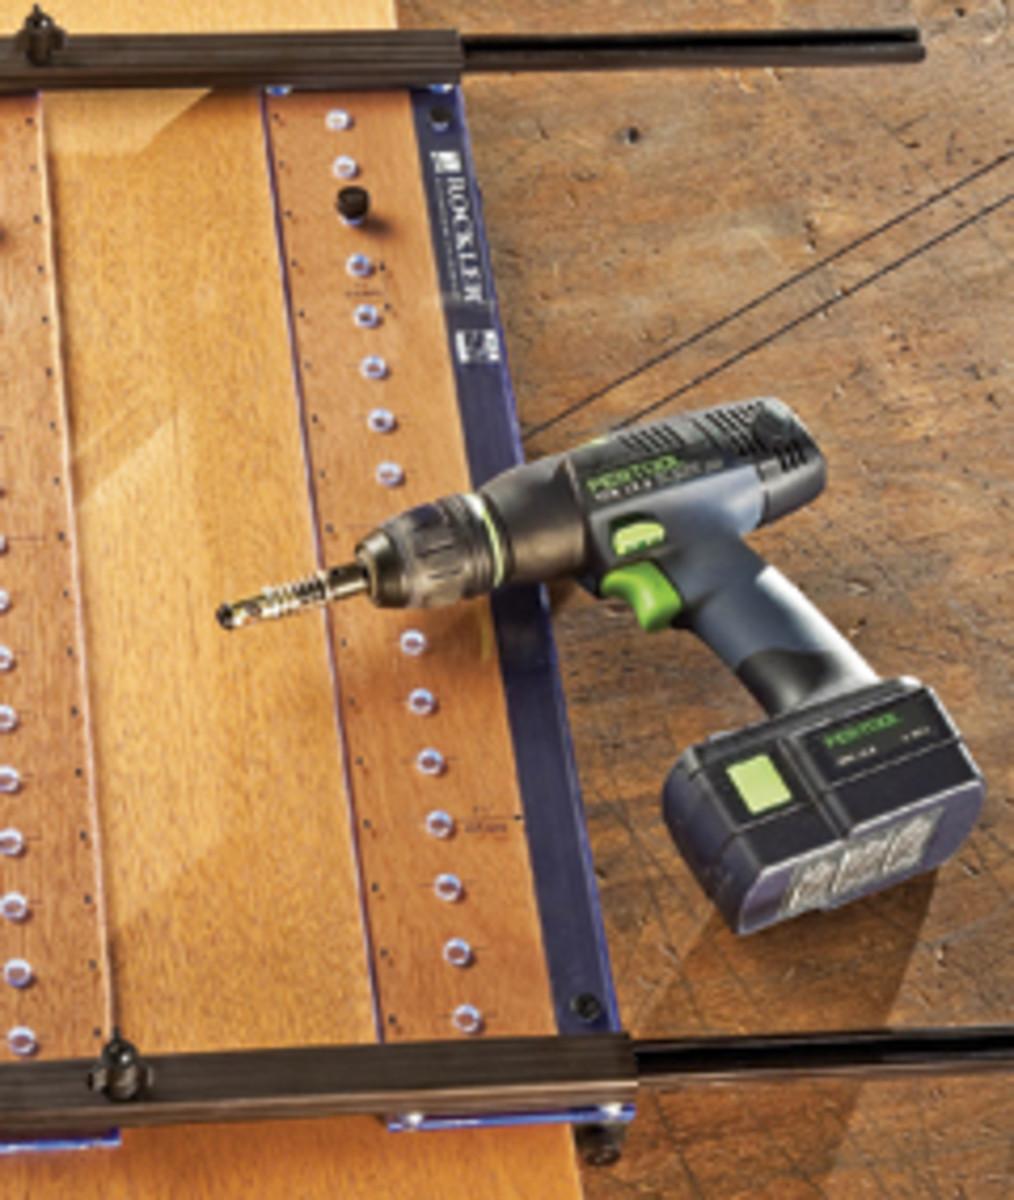 Rockler's Pro Shelf Drilling Jig.